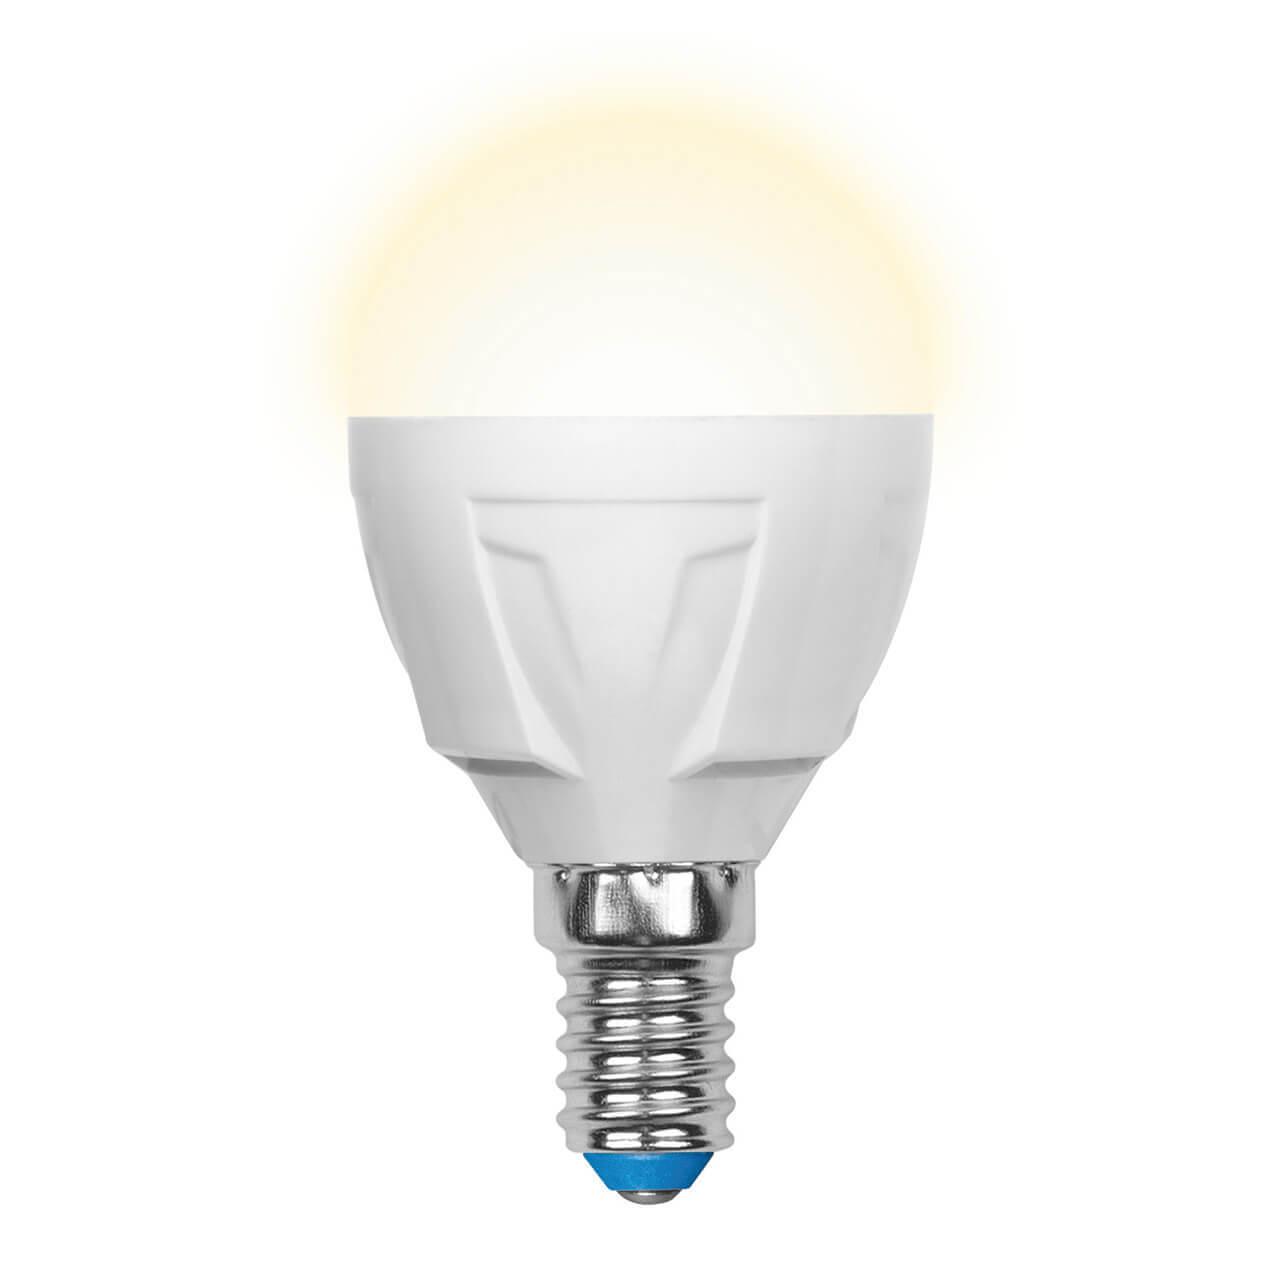 цена на Лампа светодиодная (UL-00000694) E14 6W 3000K матовая LED-G45-6W/WW/E14/FR/DIM PLP01WH